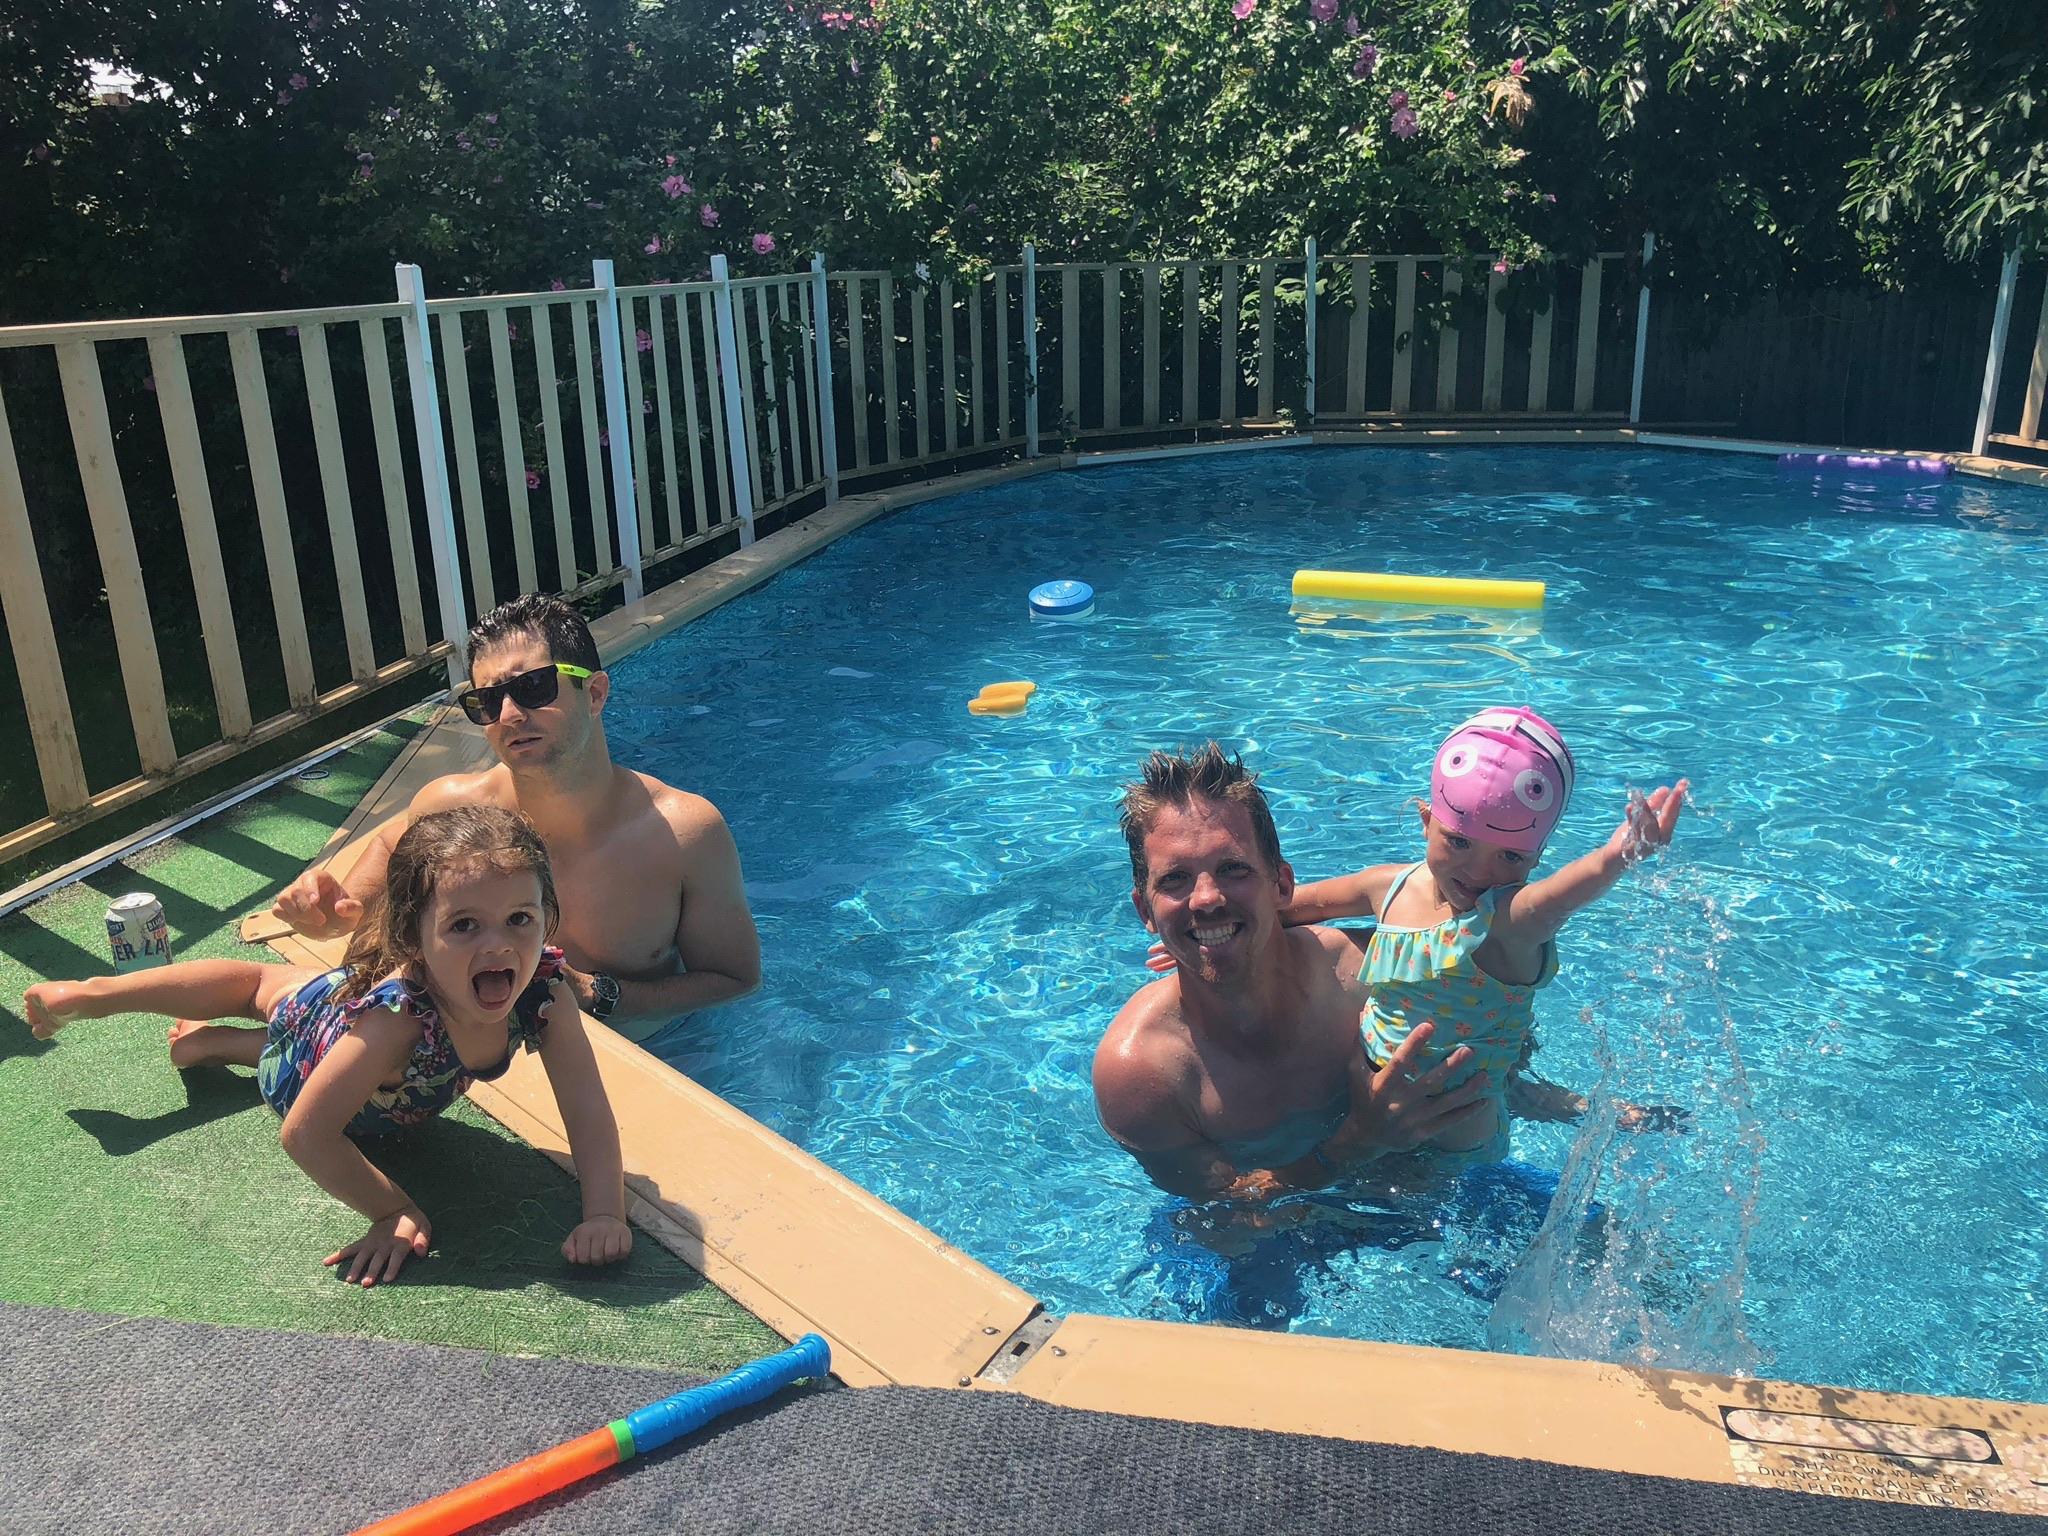 Even more fun in the pool